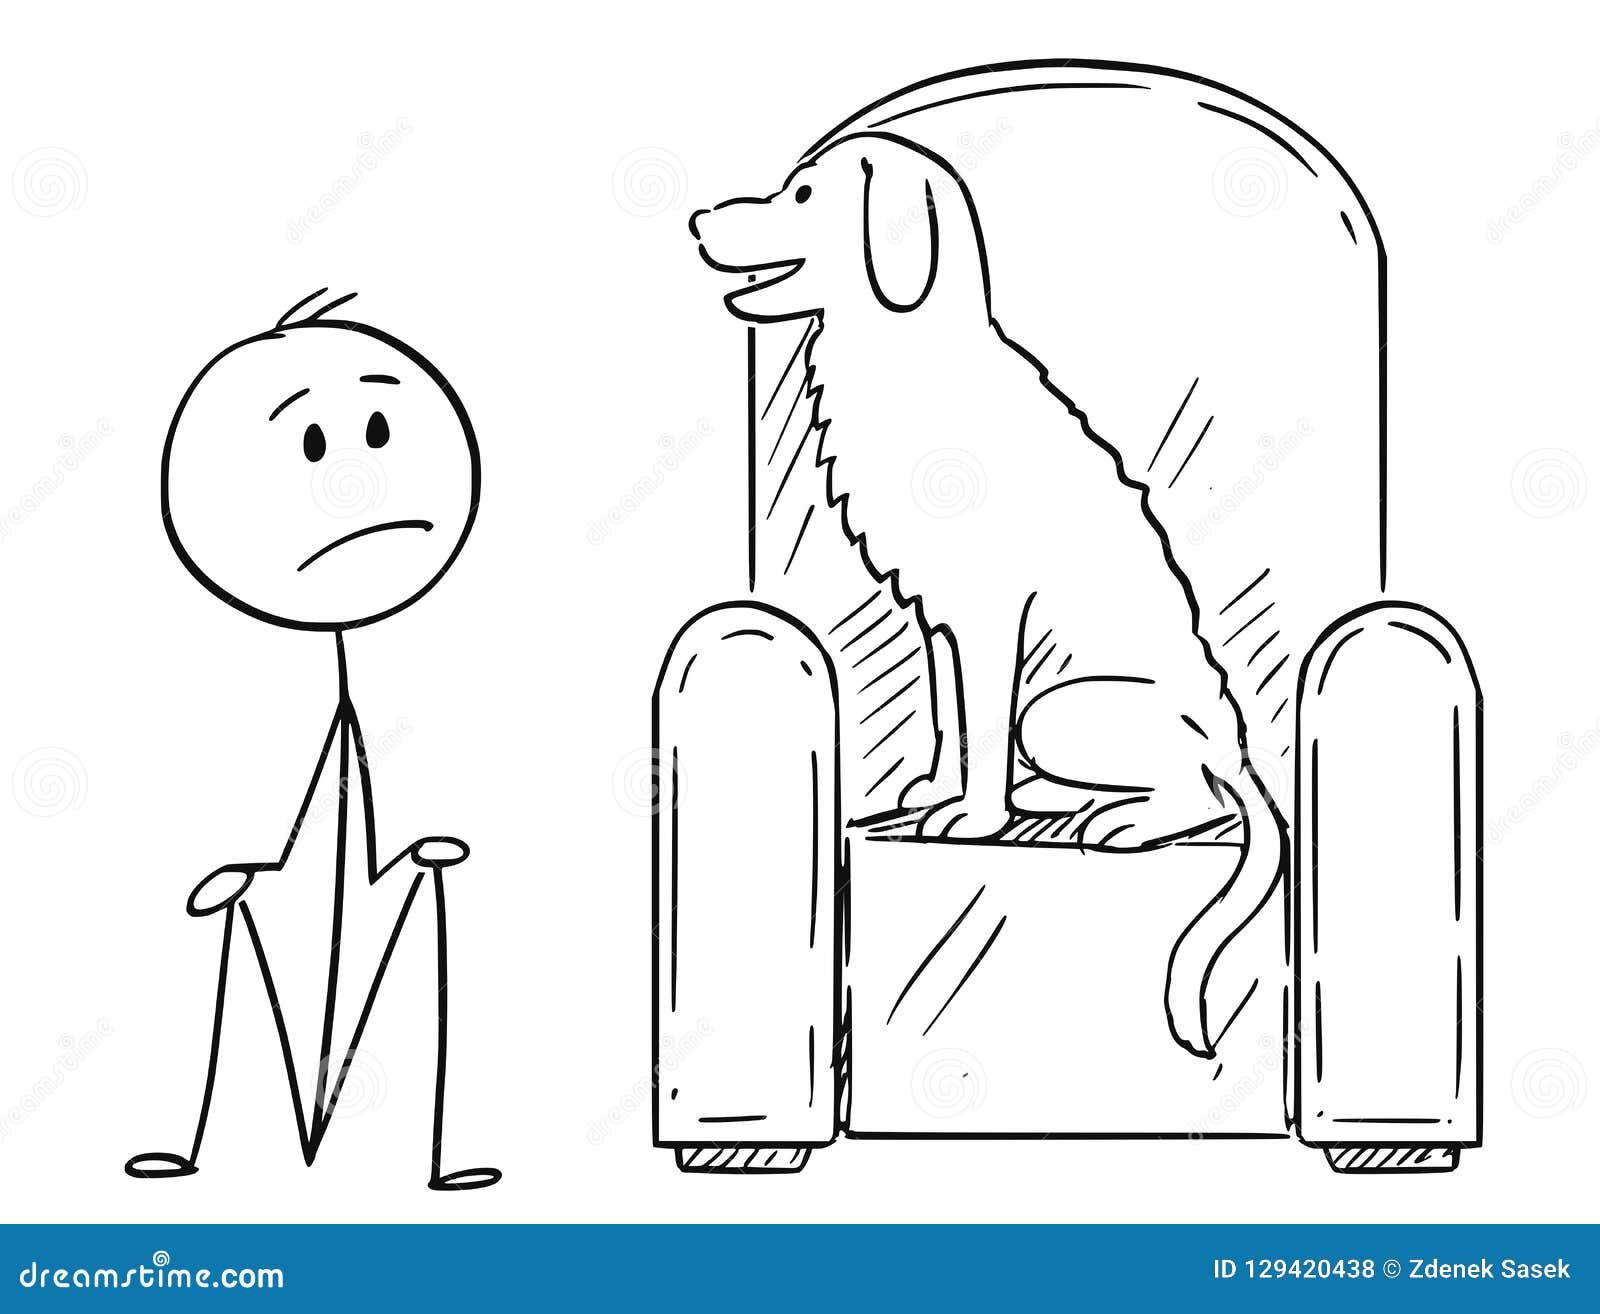 人动画片坐地面,由于狗占领扶手椅子